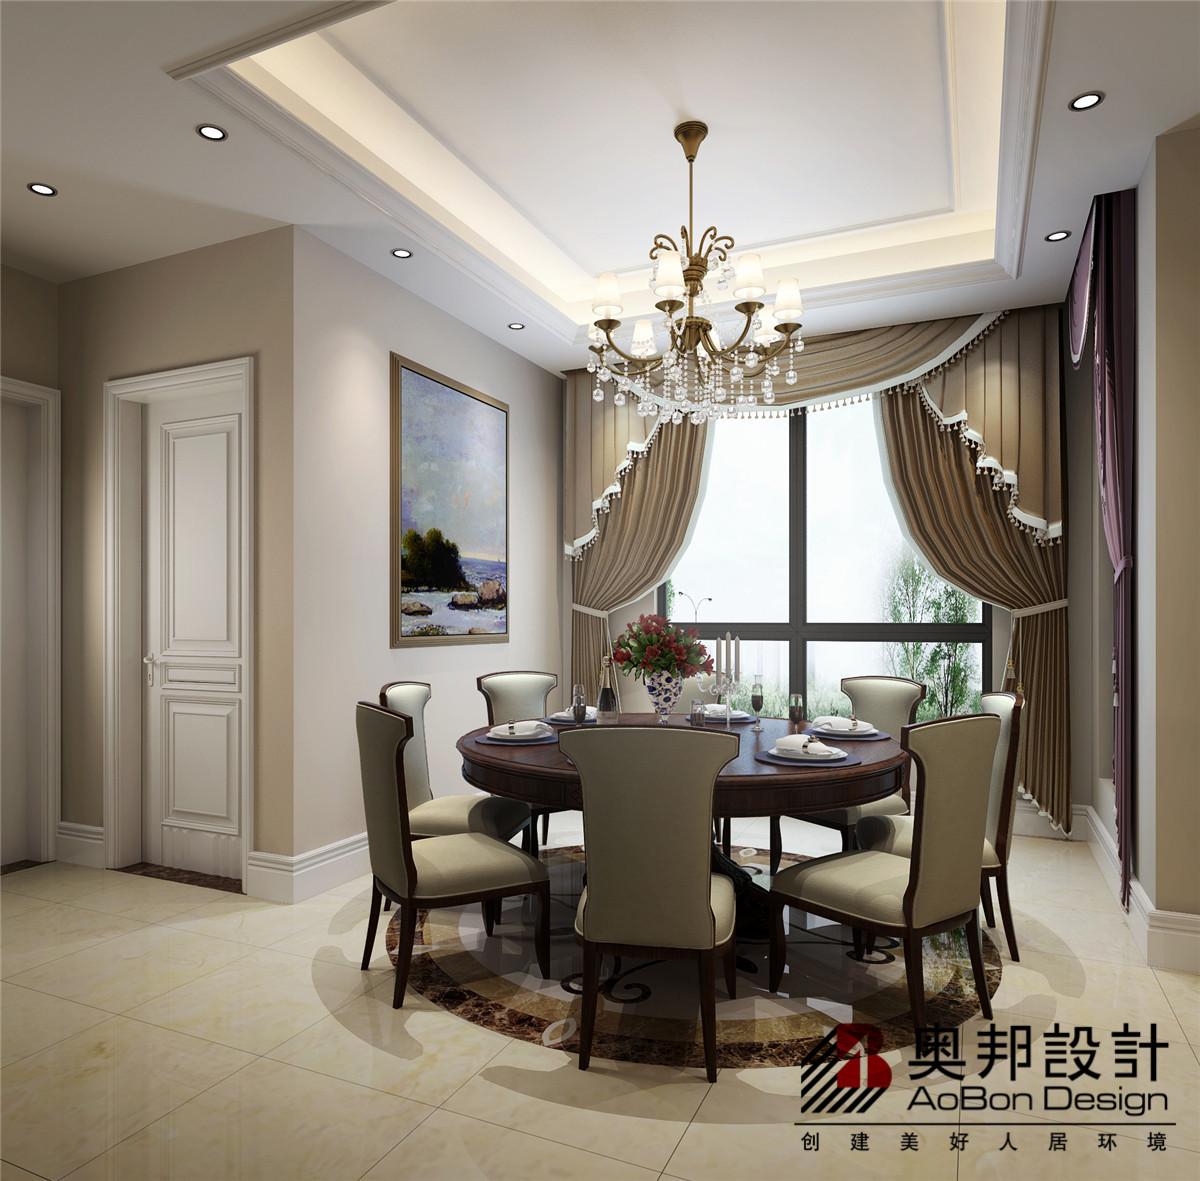 别墅 别墅装修 别墅设计 美式风格 奥邦装饰 餐厅图片来自上海奥邦装饰在恒大海上威尼斯别墅设计案例的分享